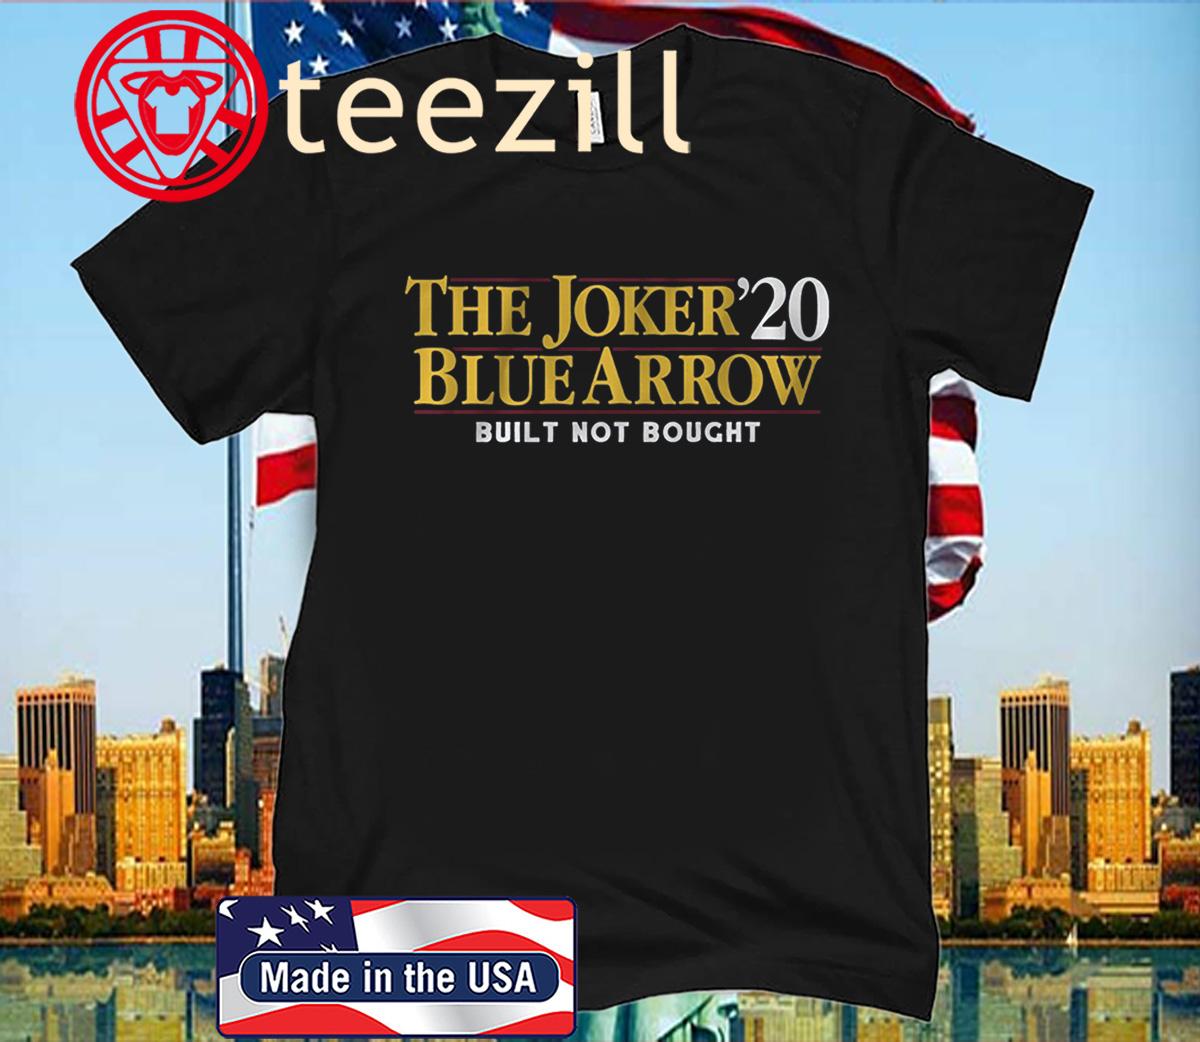 THE JOKER BLUE ARROW 2020 BUILT NOT BOUGHT T-SHIRT